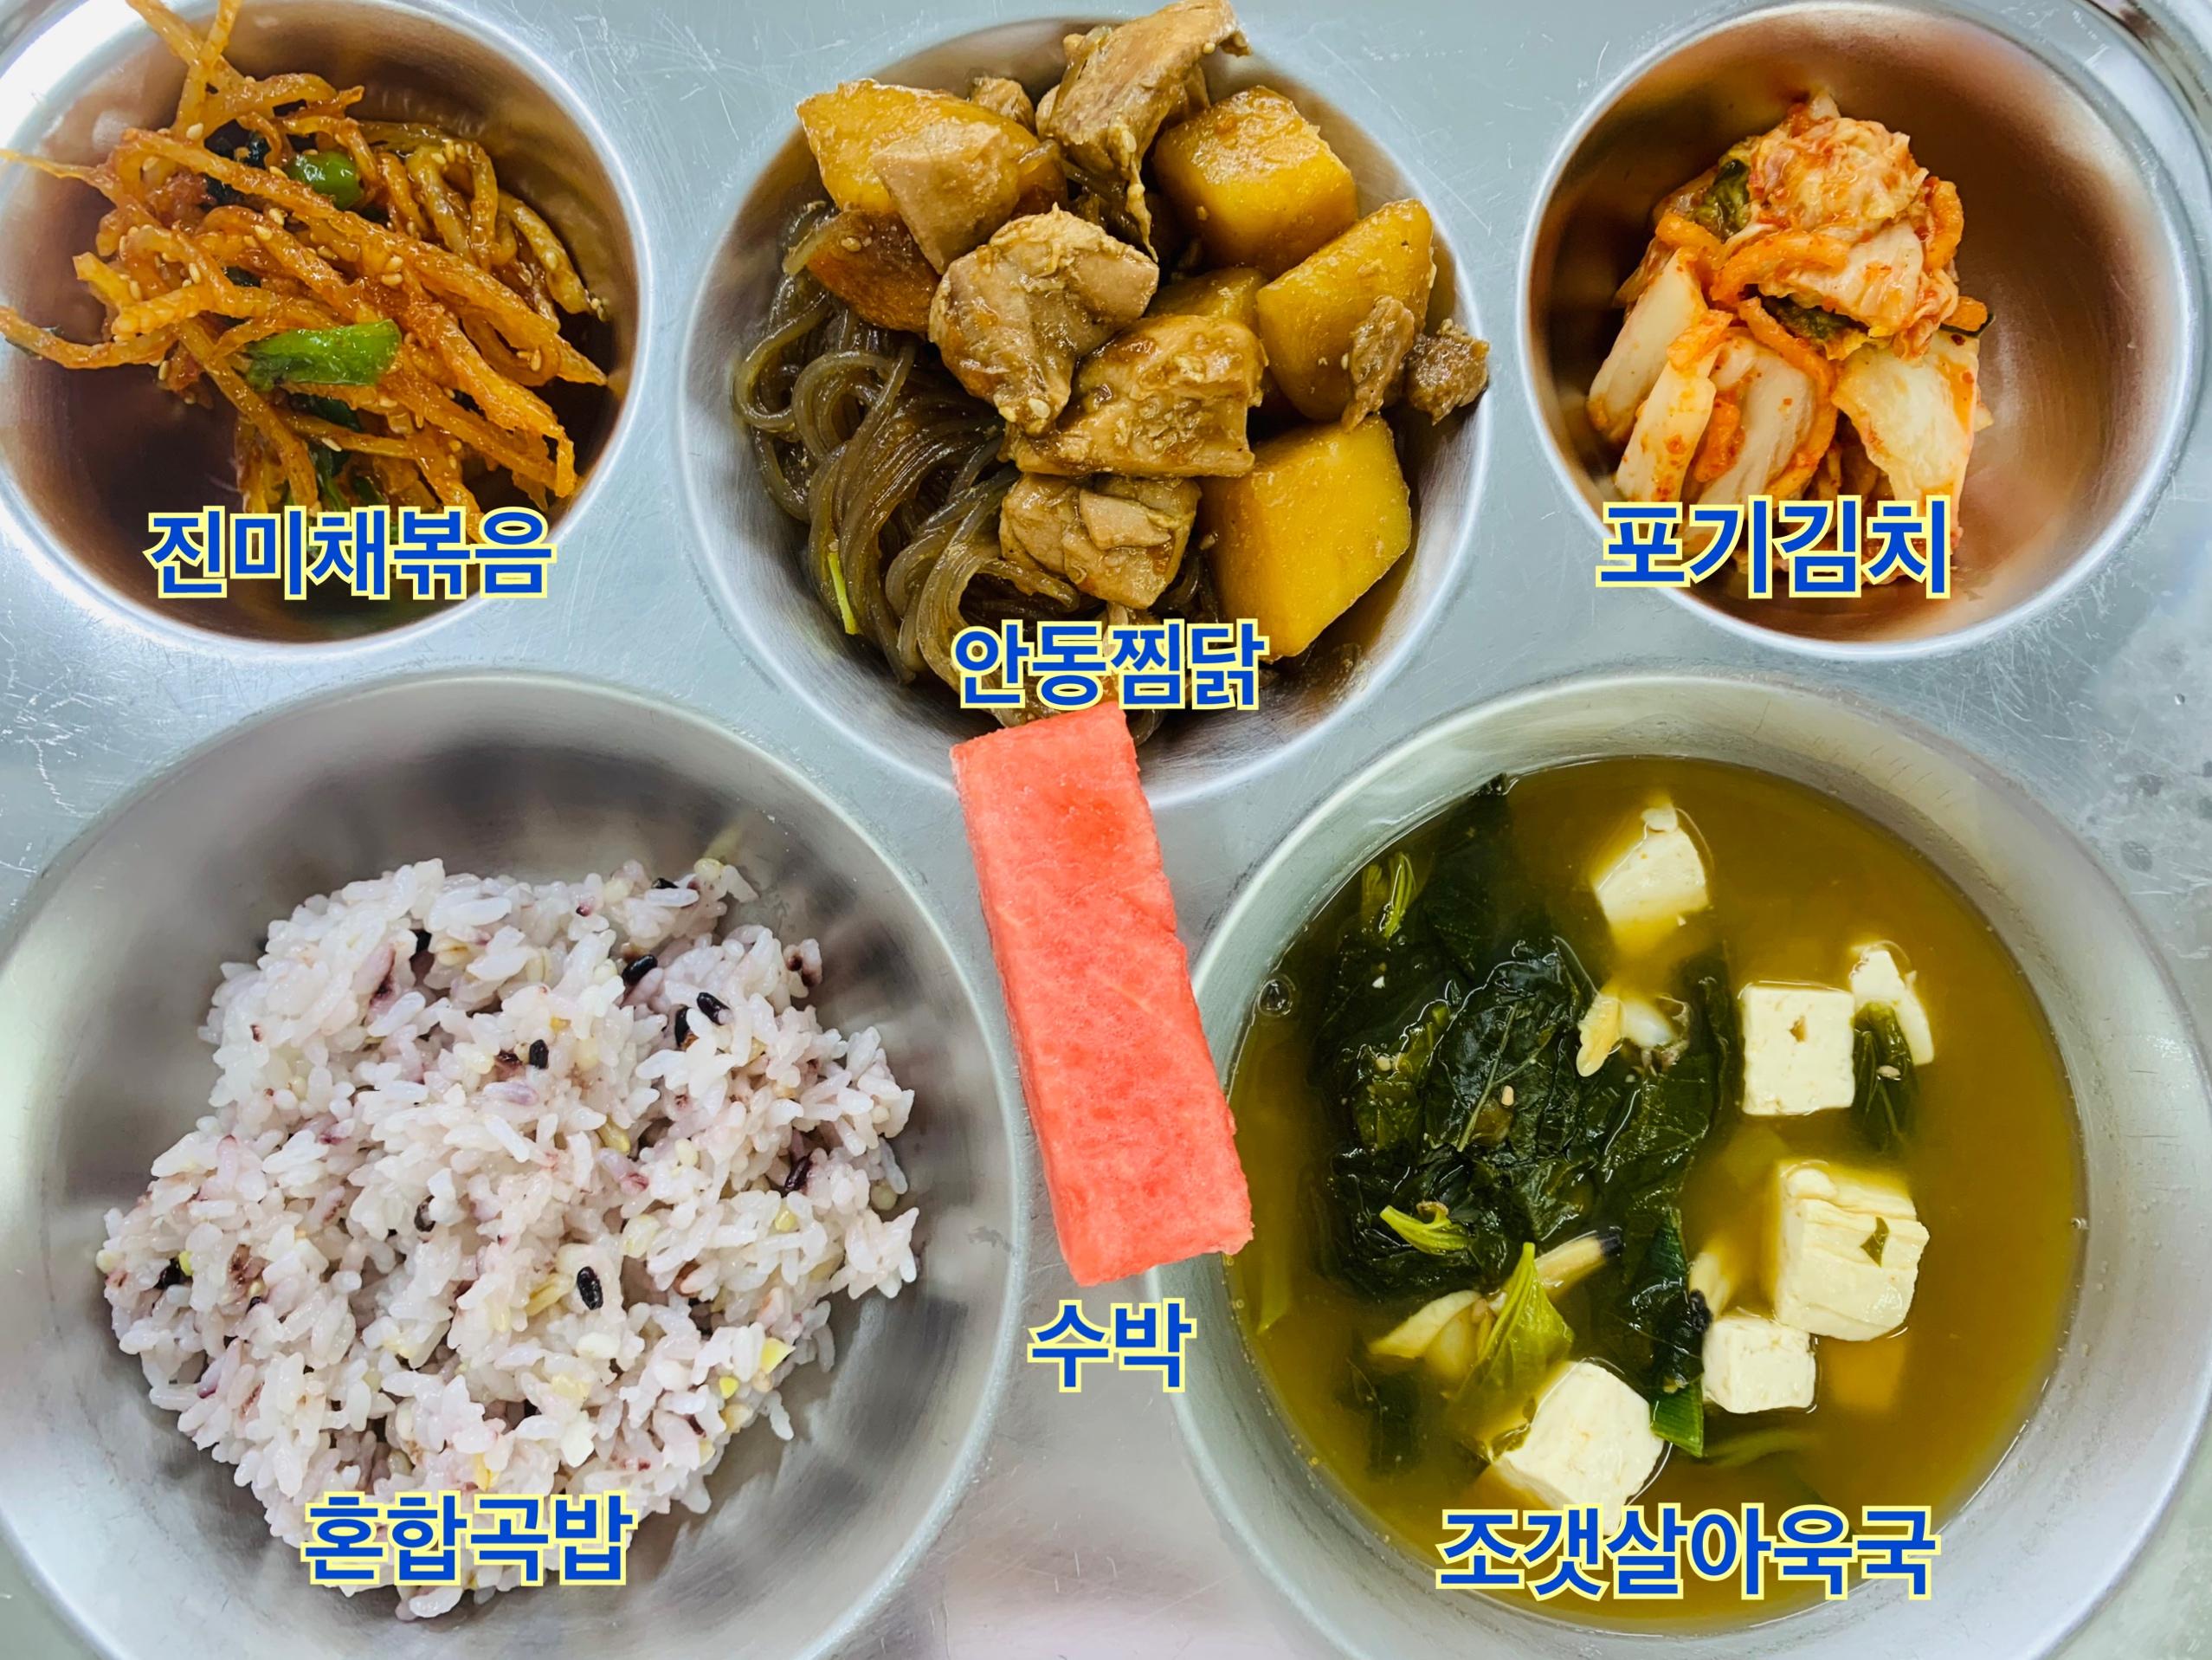 [일반] 7월 16일 식단 안내의 첨부이미지 1